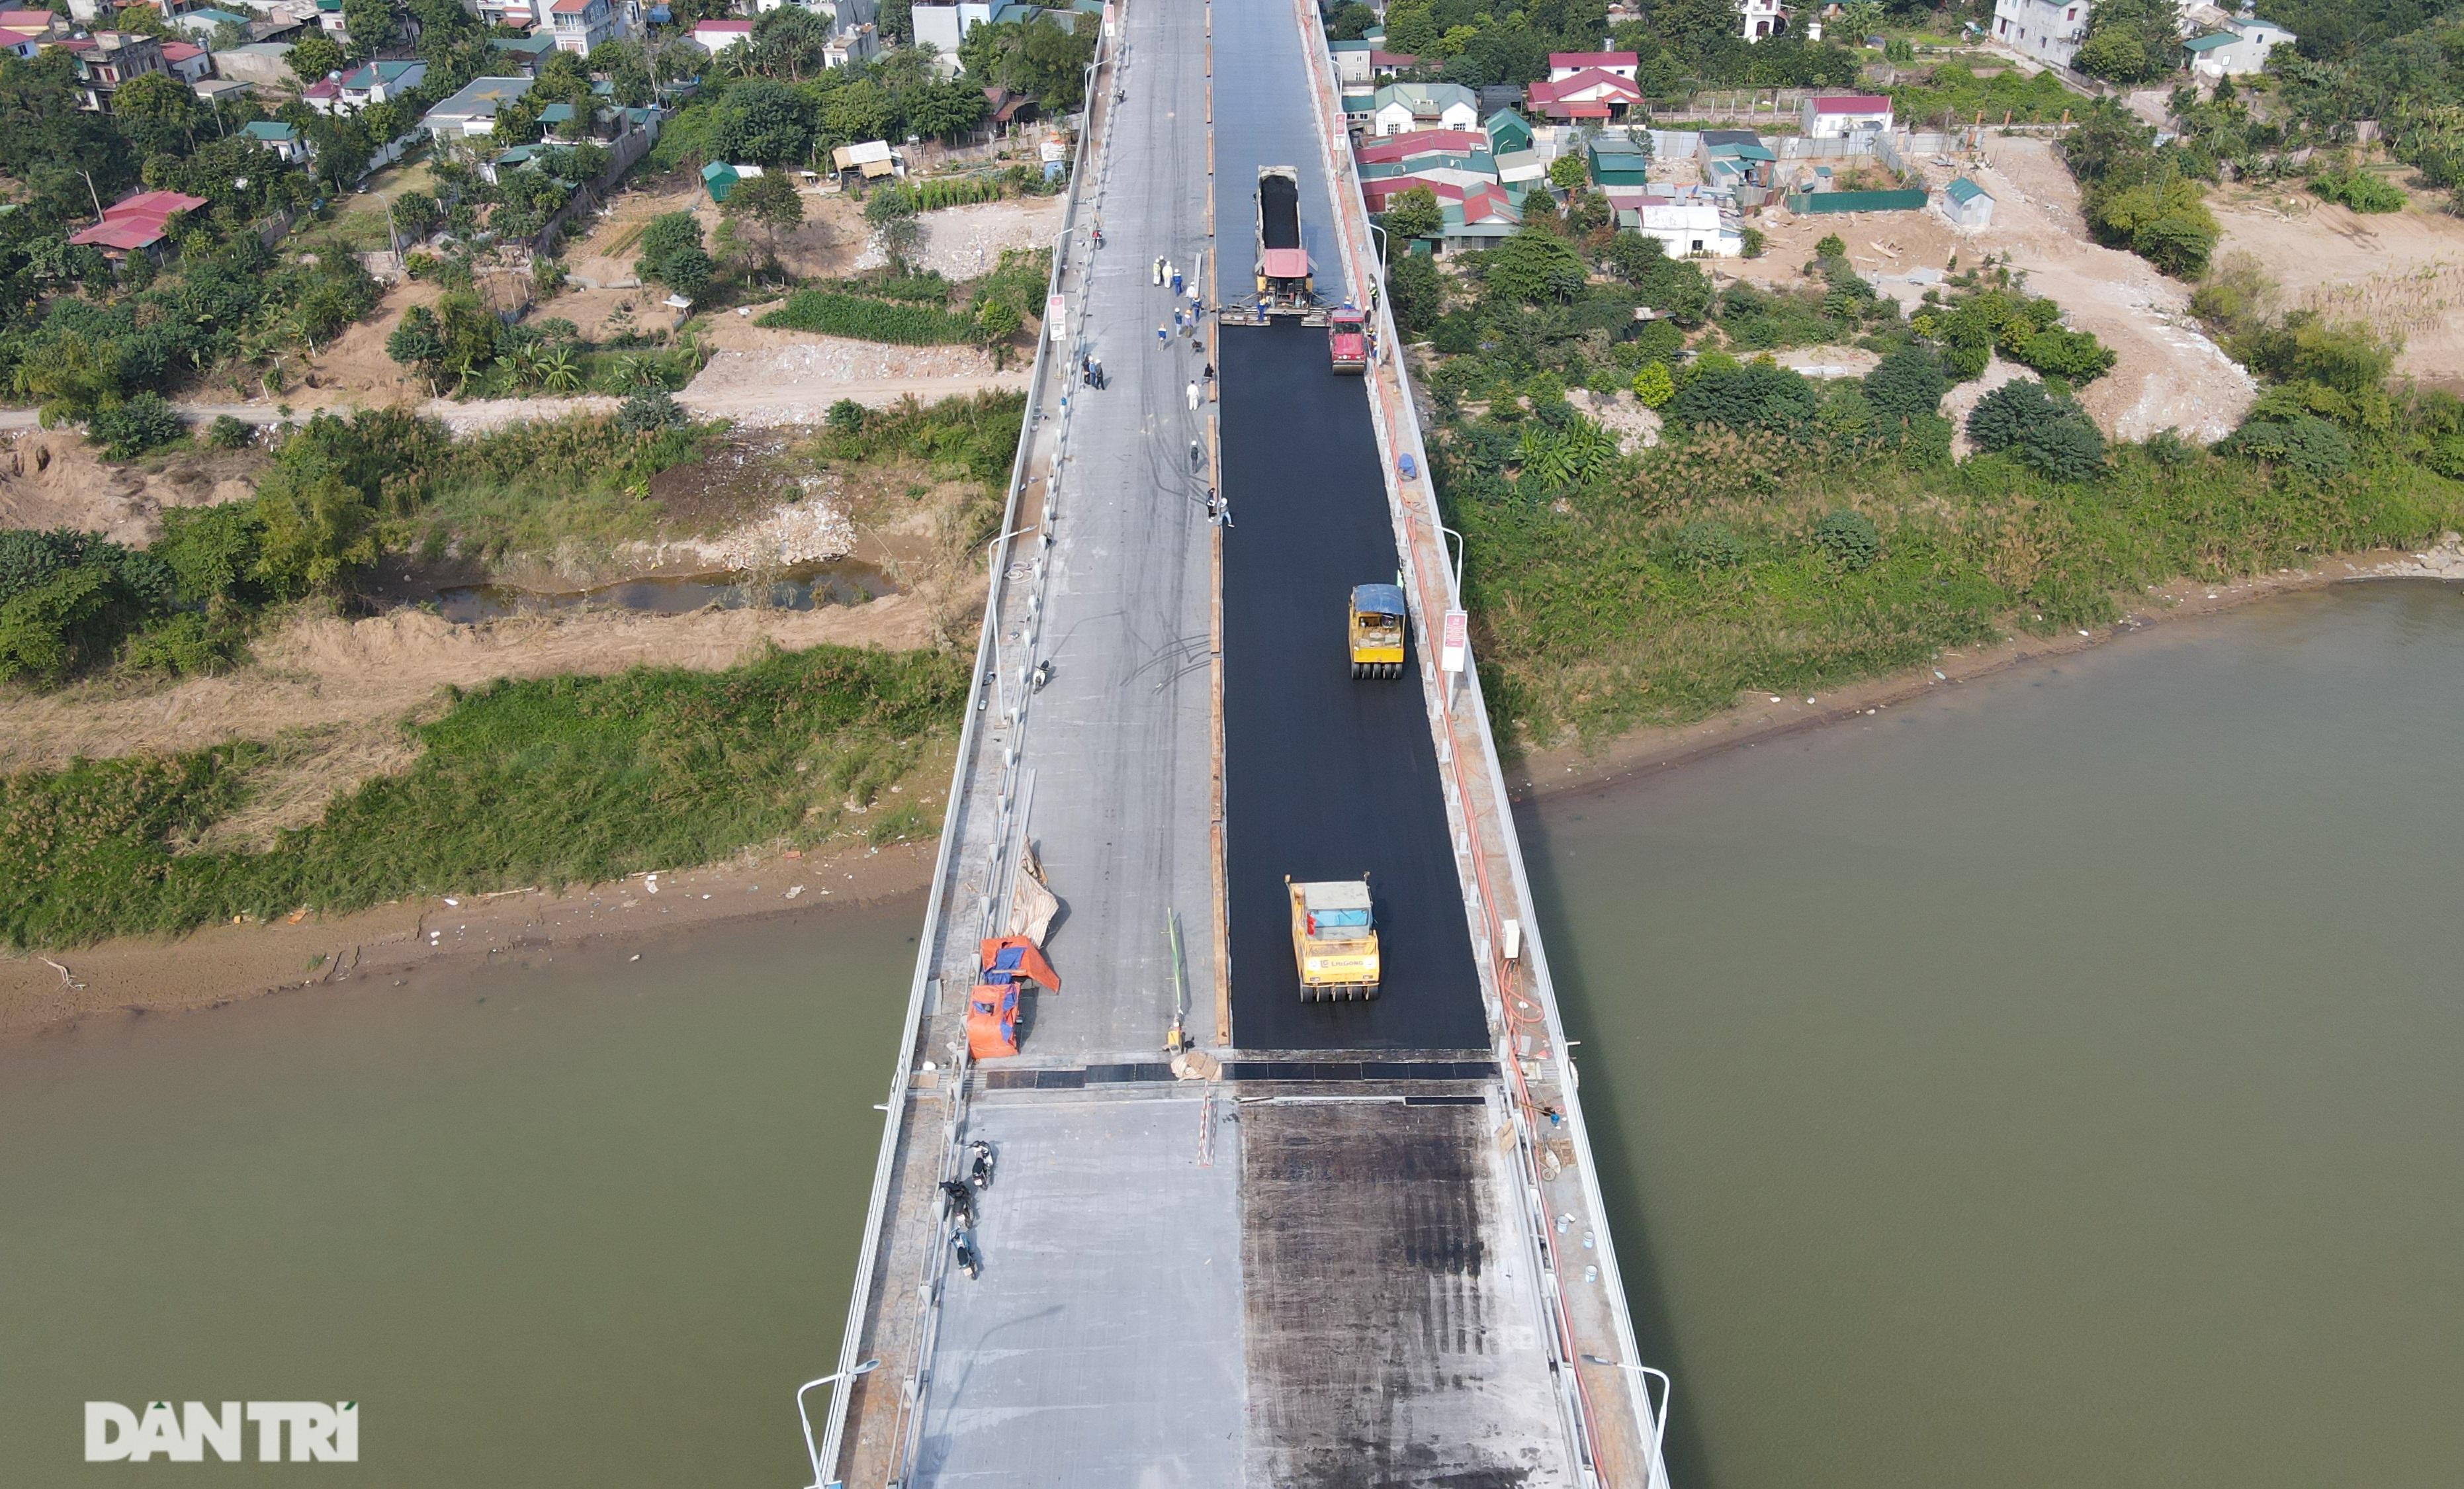 Những hình ảnh mới nhất của đại công trường sửa chữa mặt cầu Thăng Long - 2